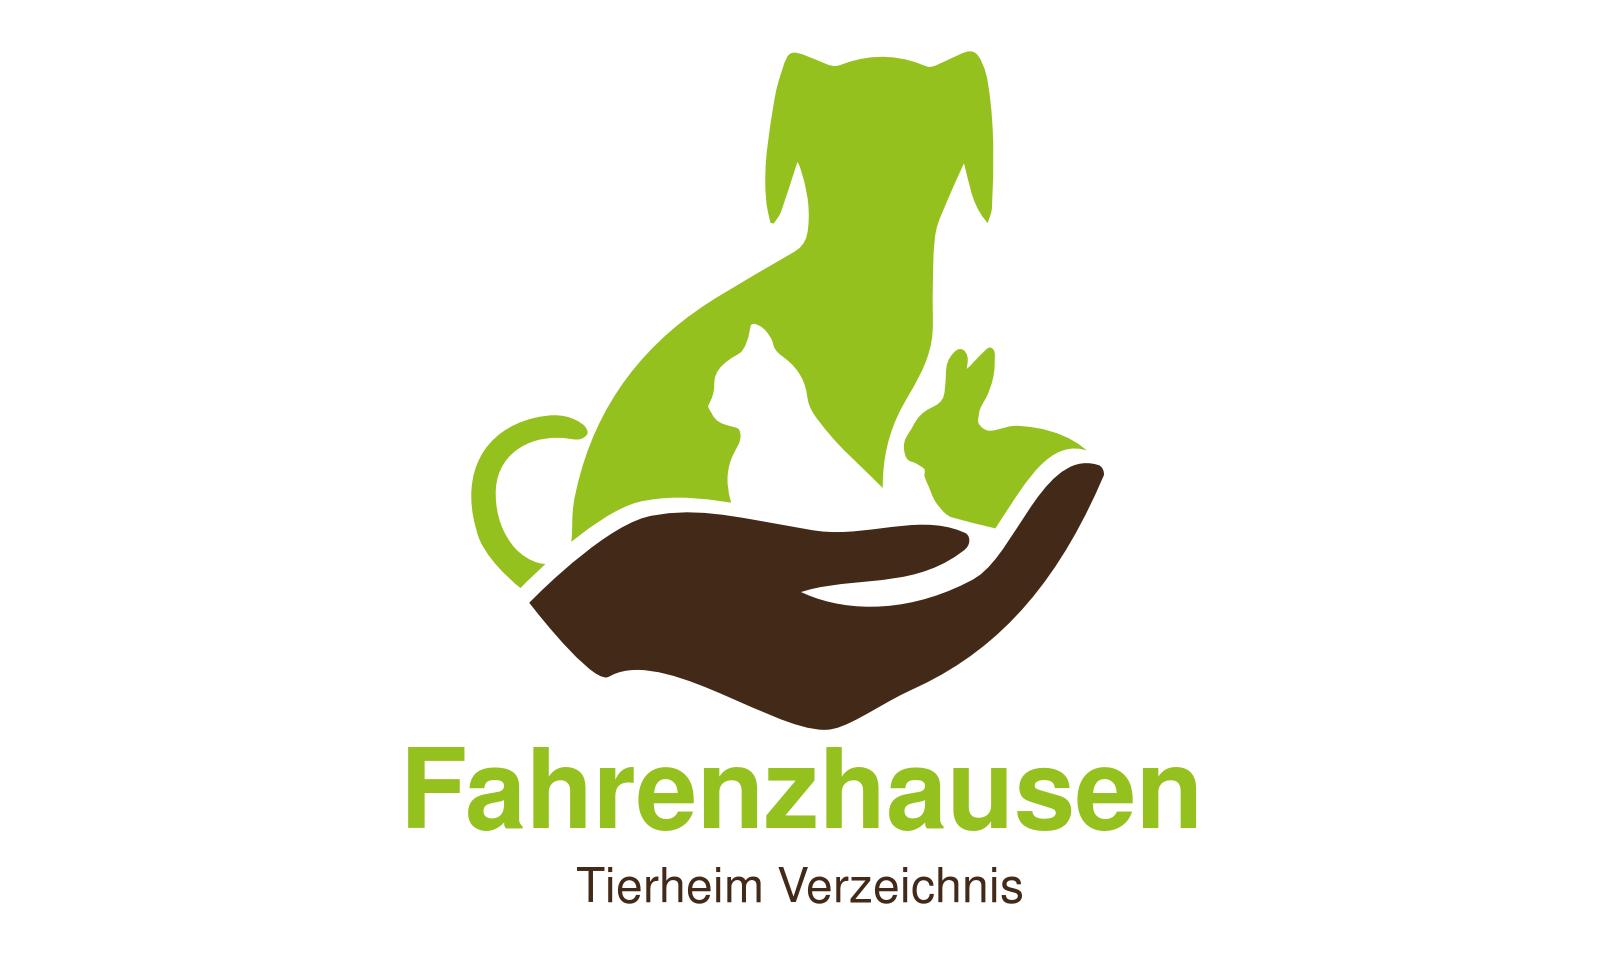 Tierheim Fahrenzhausen